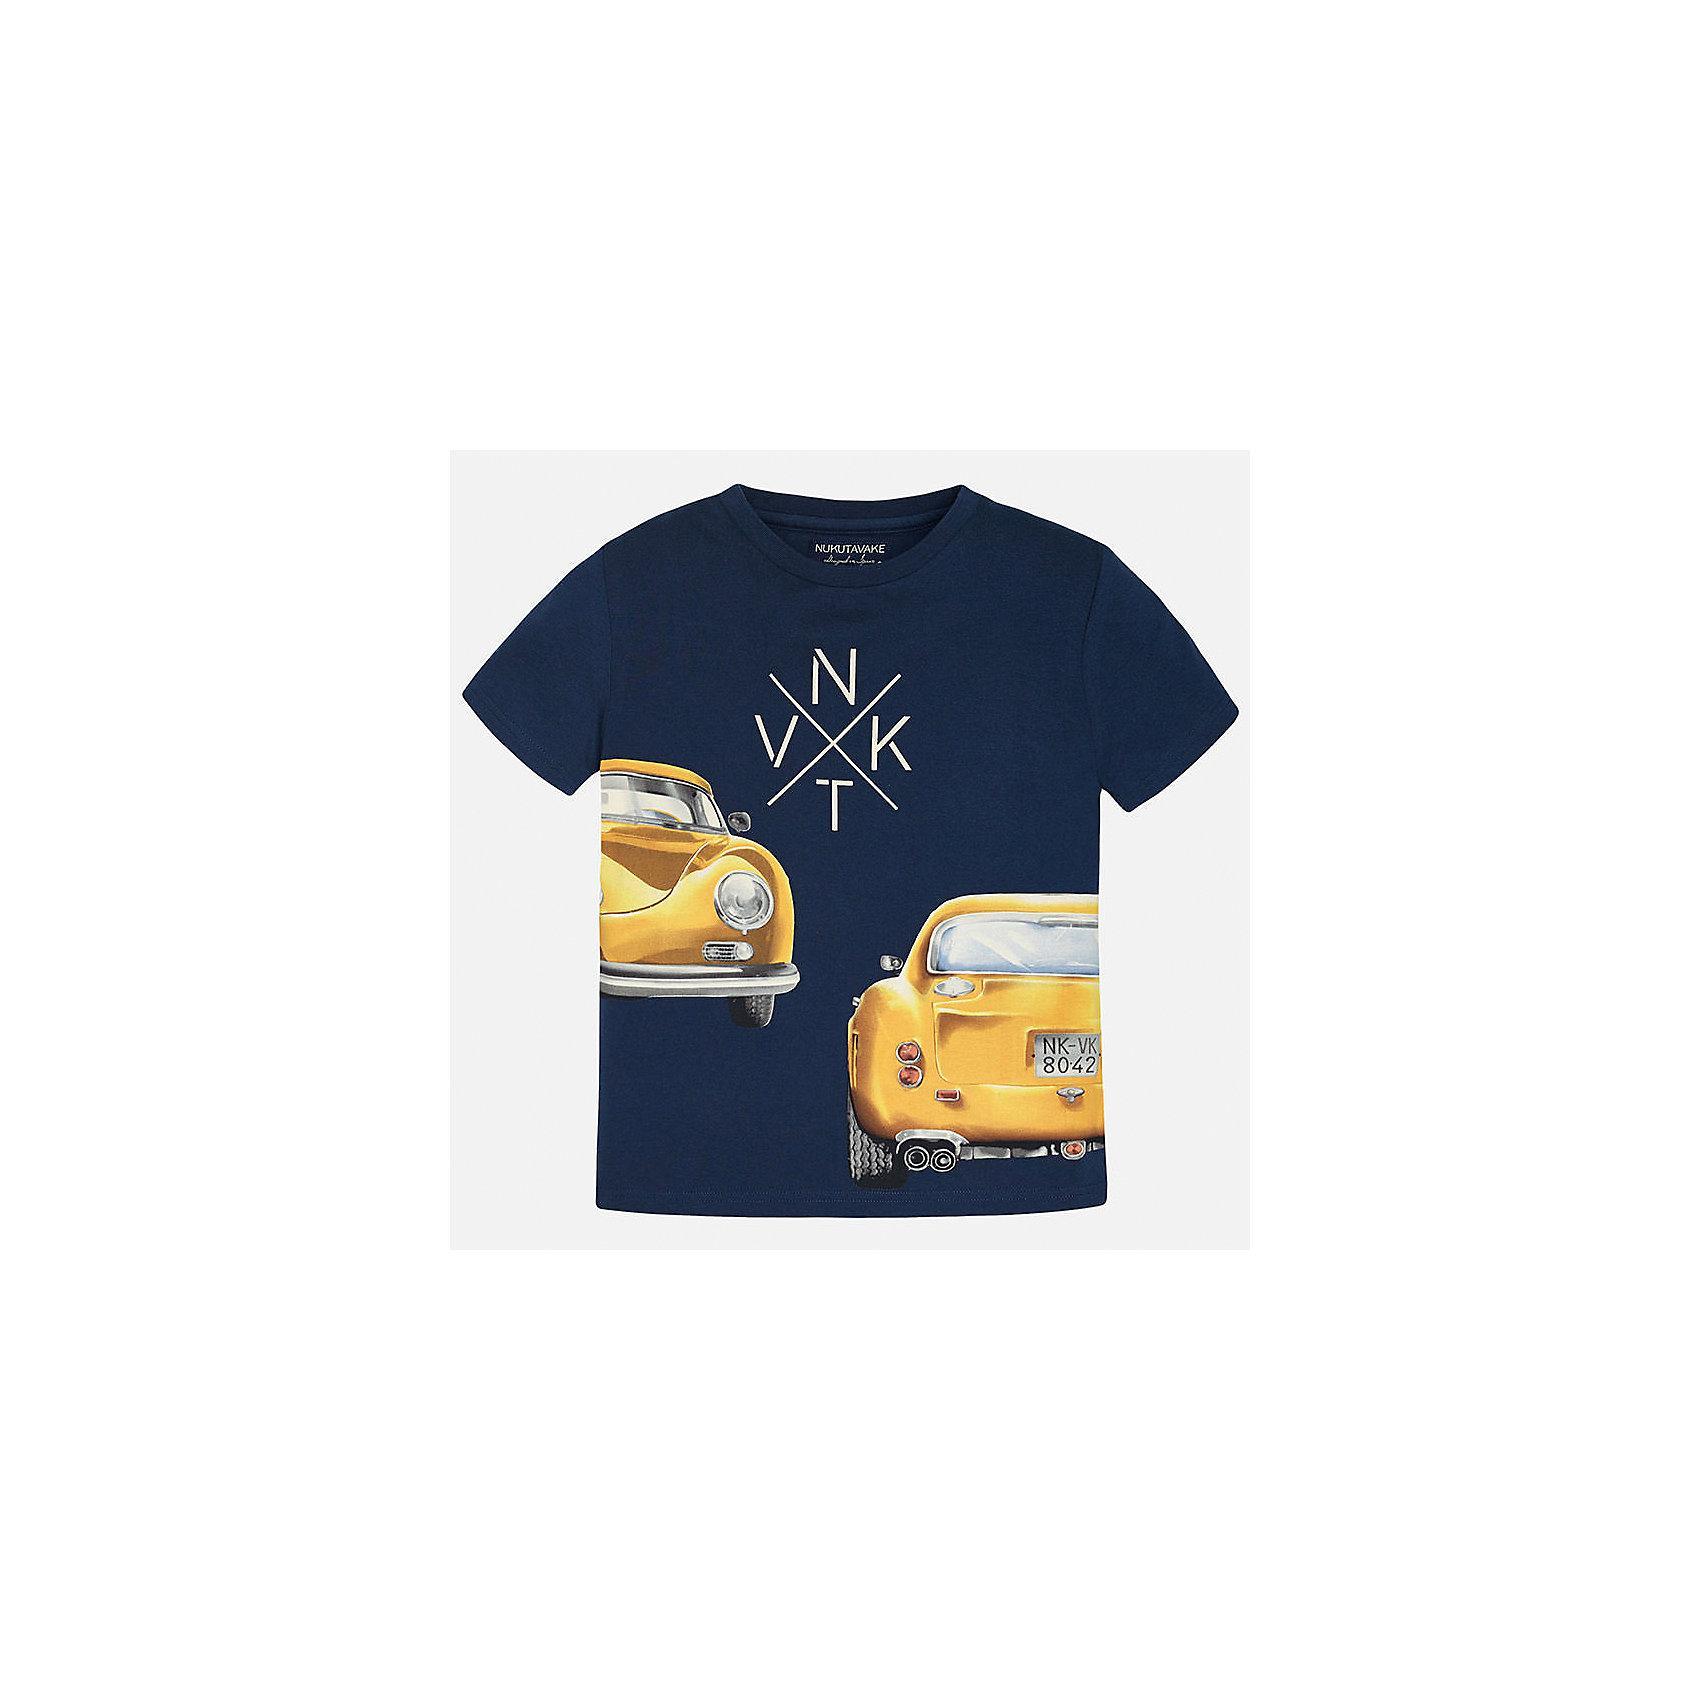 Футболка для мальчика MayoralФутболки, поло и топы<br>Характеристики товара:<br><br>• цвет: синий<br>• состав: 100% хлопок<br>• круглый горловой вырез<br>• декорирована принтом<br>• короткие рукава<br>• мягкая отделка горловины<br>• страна бренда: Испания<br><br>Стильная удобная футболка с принтом поможет разнообразить гардероб мальчика. Она отлично сочетается с брюками, шортами, джинсами. Универсальный крой и цвет позволяет подобрать к вещи низ разных расцветок. Практичное и стильное изделие! Хорошо смотрится и комфортно сидит на детях. В составе материала - только натуральный хлопок, гипоаллергенный, приятный на ощупь, дышащий. <br><br>Одежда, обувь и аксессуары от испанского бренда Mayoral полюбились детям и взрослым по всему миру. Модели этой марки - стильные и удобные. Для их производства используются только безопасные, качественные материалы и фурнитура. Порадуйте ребенка модными и красивыми вещами от Mayoral! <br><br>Футболку для мальчика от испанского бренда Mayoral (Майорал) можно купить в нашем интернет-магазине.<br><br>Ширина мм: 199<br>Глубина мм: 10<br>Высота мм: 161<br>Вес г: 151<br>Цвет: синий<br>Возраст от месяцев: 84<br>Возраст до месяцев: 96<br>Пол: Мужской<br>Возраст: Детский<br>Размер: 128/134,170,164,158,152,140<br>SKU: 5281244